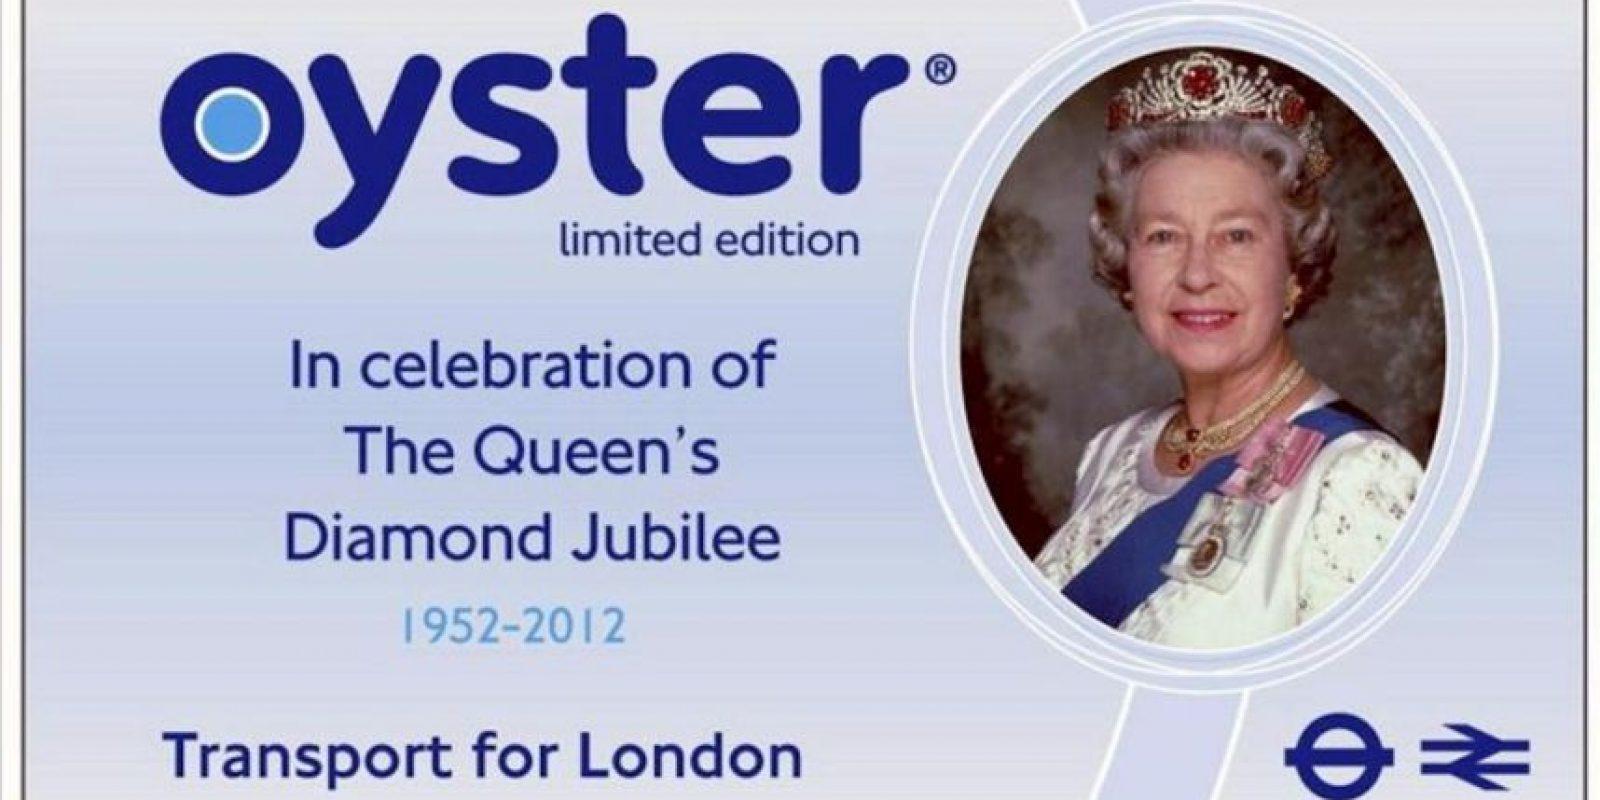 """Fotografía facilitada por la autoridad del transporte de Londres (TFL) que presentó hoy dos ediciones limitadas de las populares tarjetas de prepago """"Oyster"""" para celebrar los próximos acontecimientos que tendrán lugar en la ciudad: los Juegos Olímpicos y el Jubileo de Diamantes de la Reina Isabel II. EFE"""